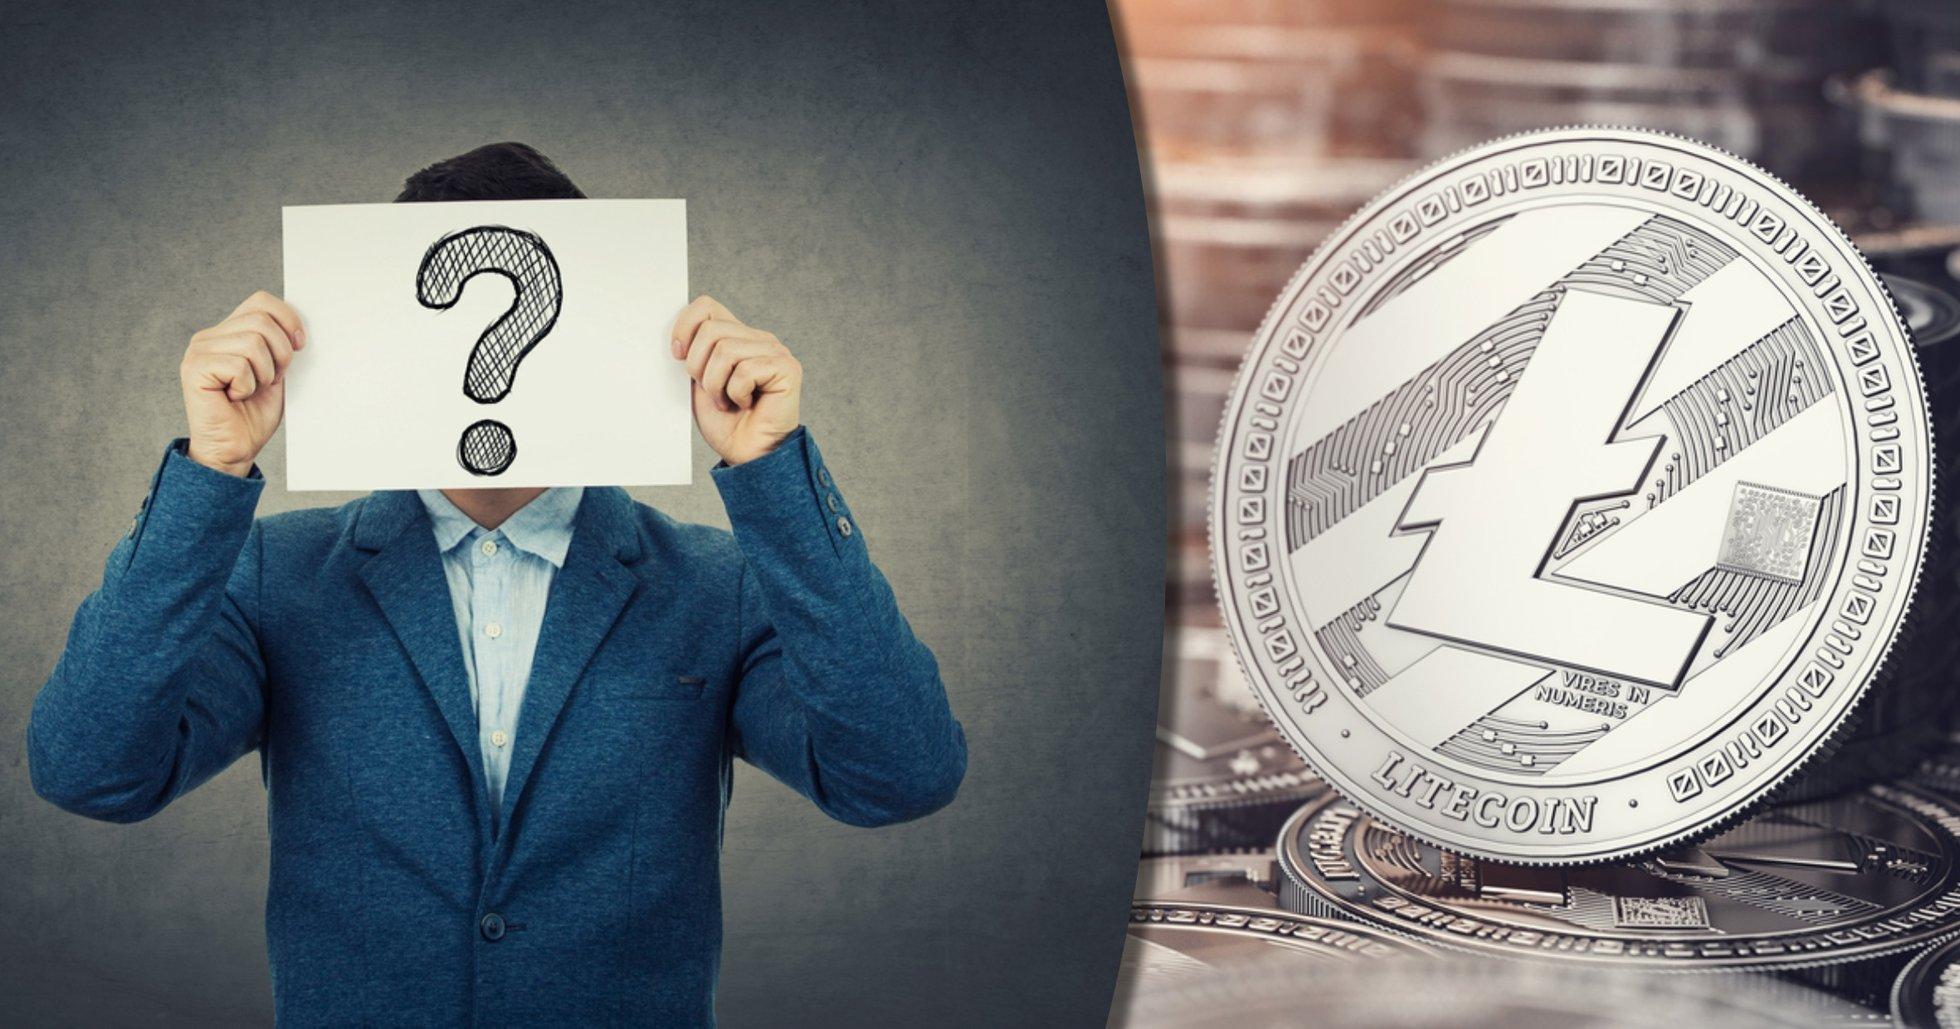 Efter grundarens förslag – nu kan litecoin bli en mer anonym kryptovaluta